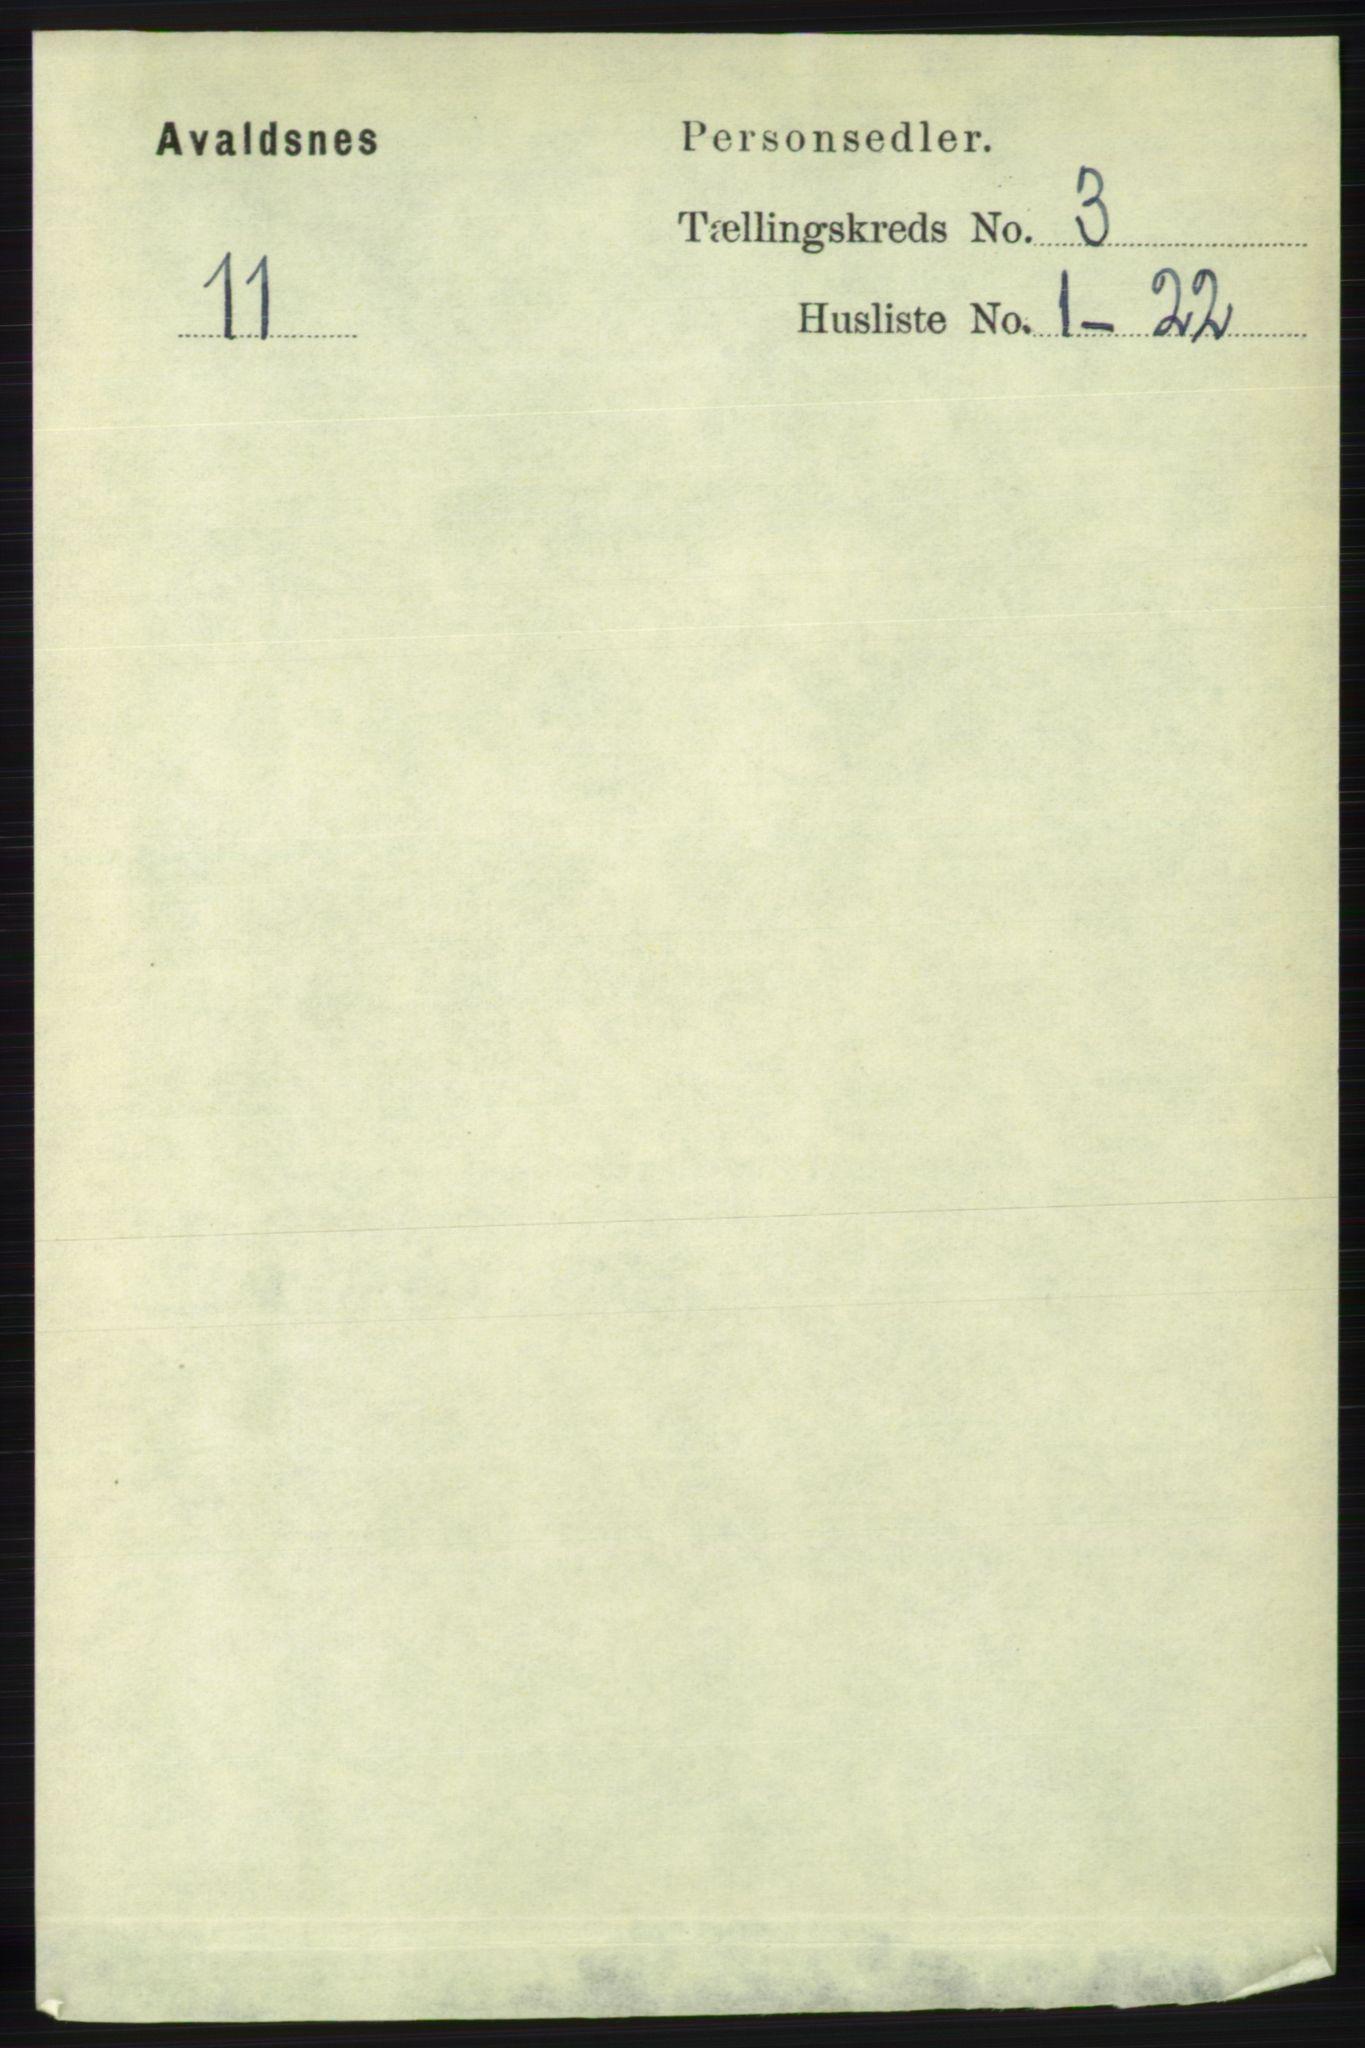 RA, Folketelling 1891 for 1147 Avaldsnes herred, 1891, s. 2544